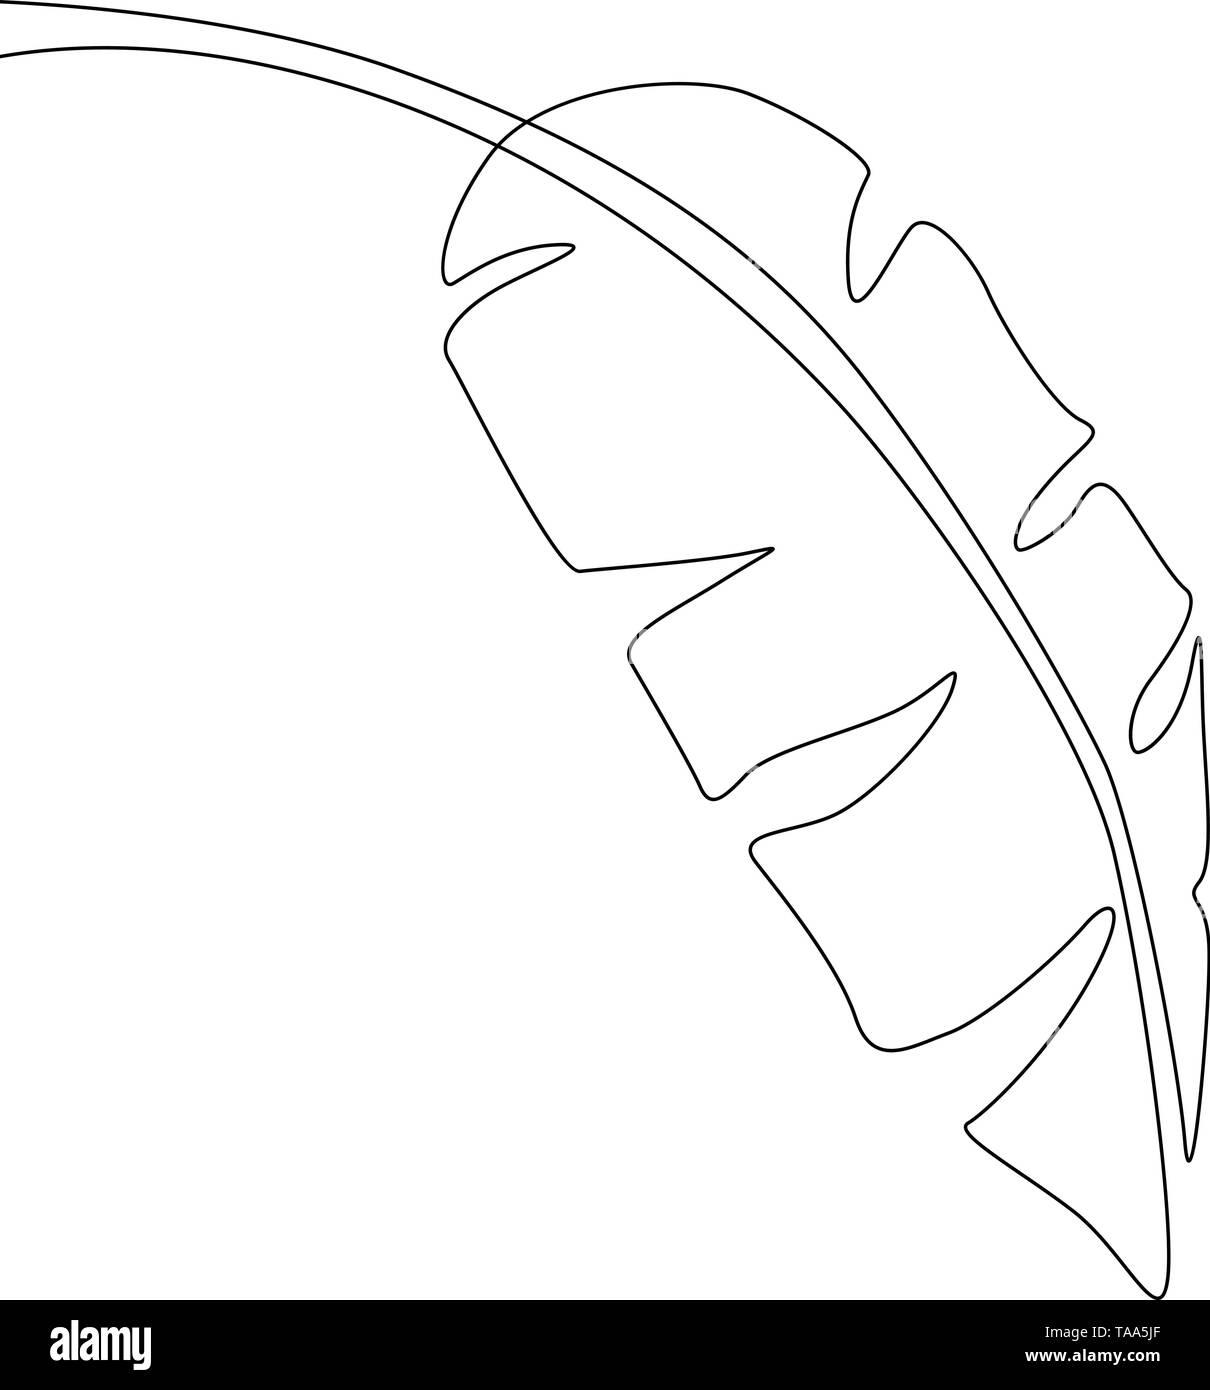 Eine Strichzeichnung Banana Leaf. Durchgehende Linie exotische tropische Pflanzen. Stockbild